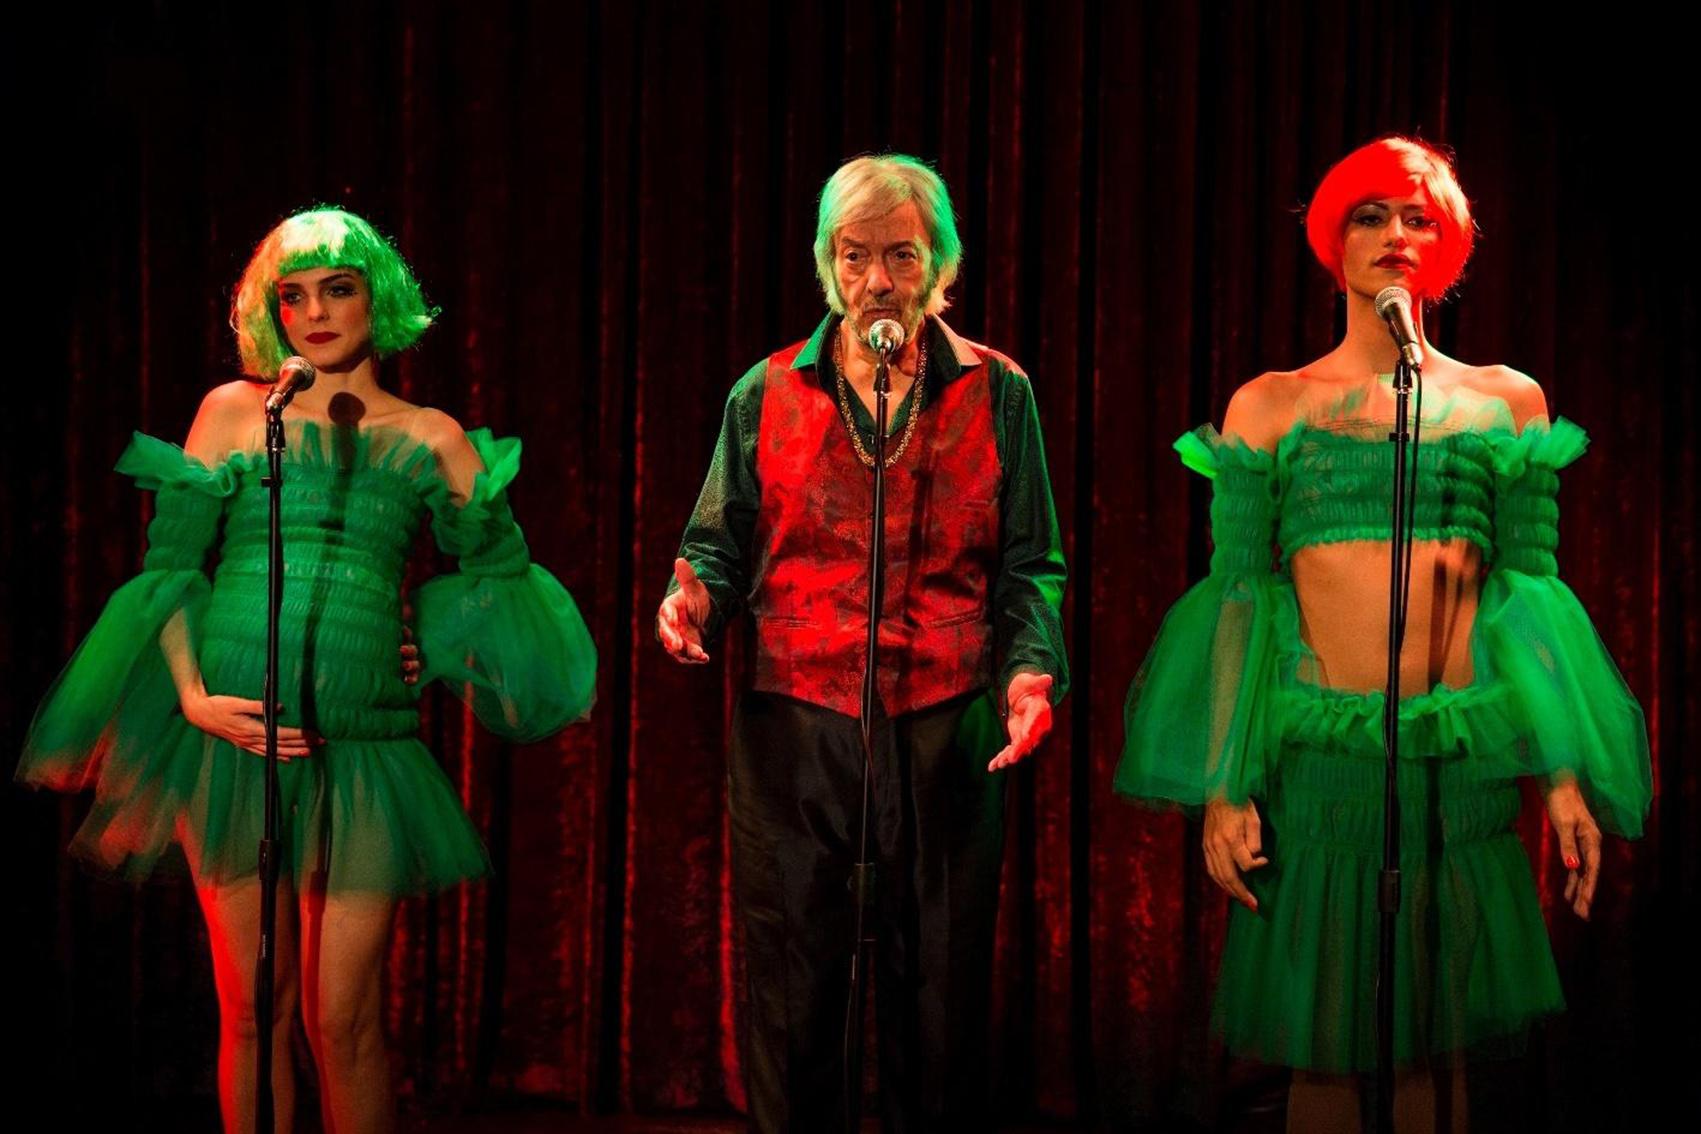 Crítica: Paraíso Perdido é experiência catártica poucas vezes vista no cinema brasileiro